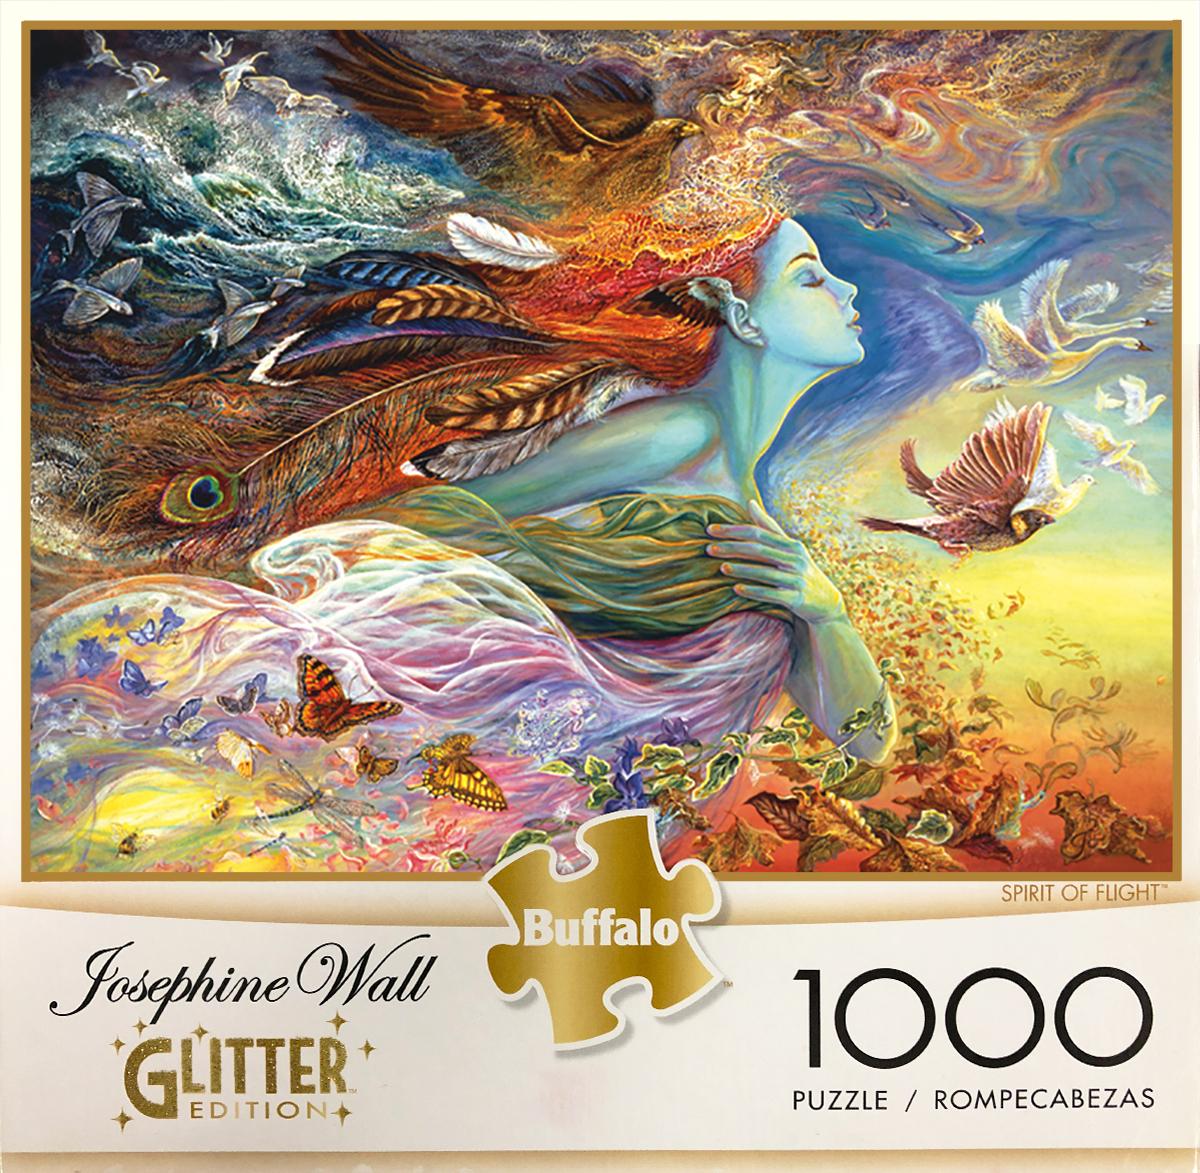 Spirit of Flight Birds Glitter / Shimmer / Foil Puzzles